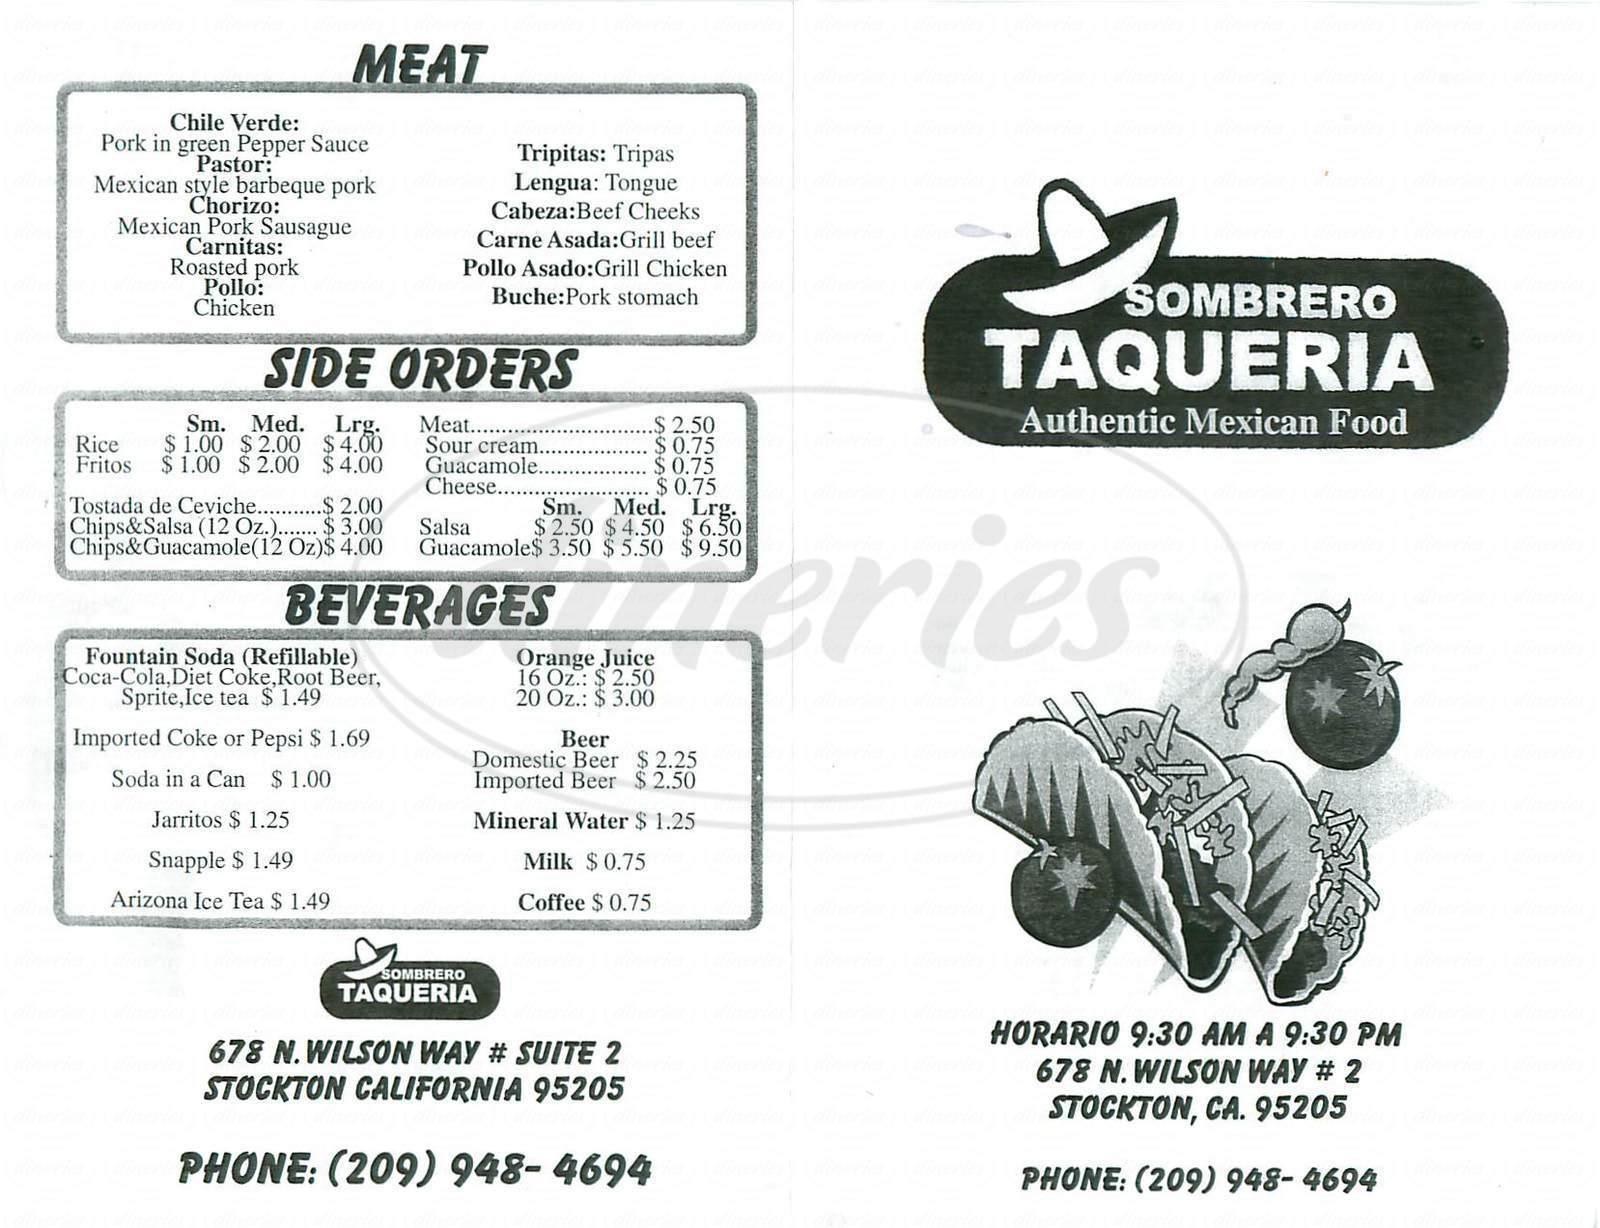 menu for Sombrero Taqueria